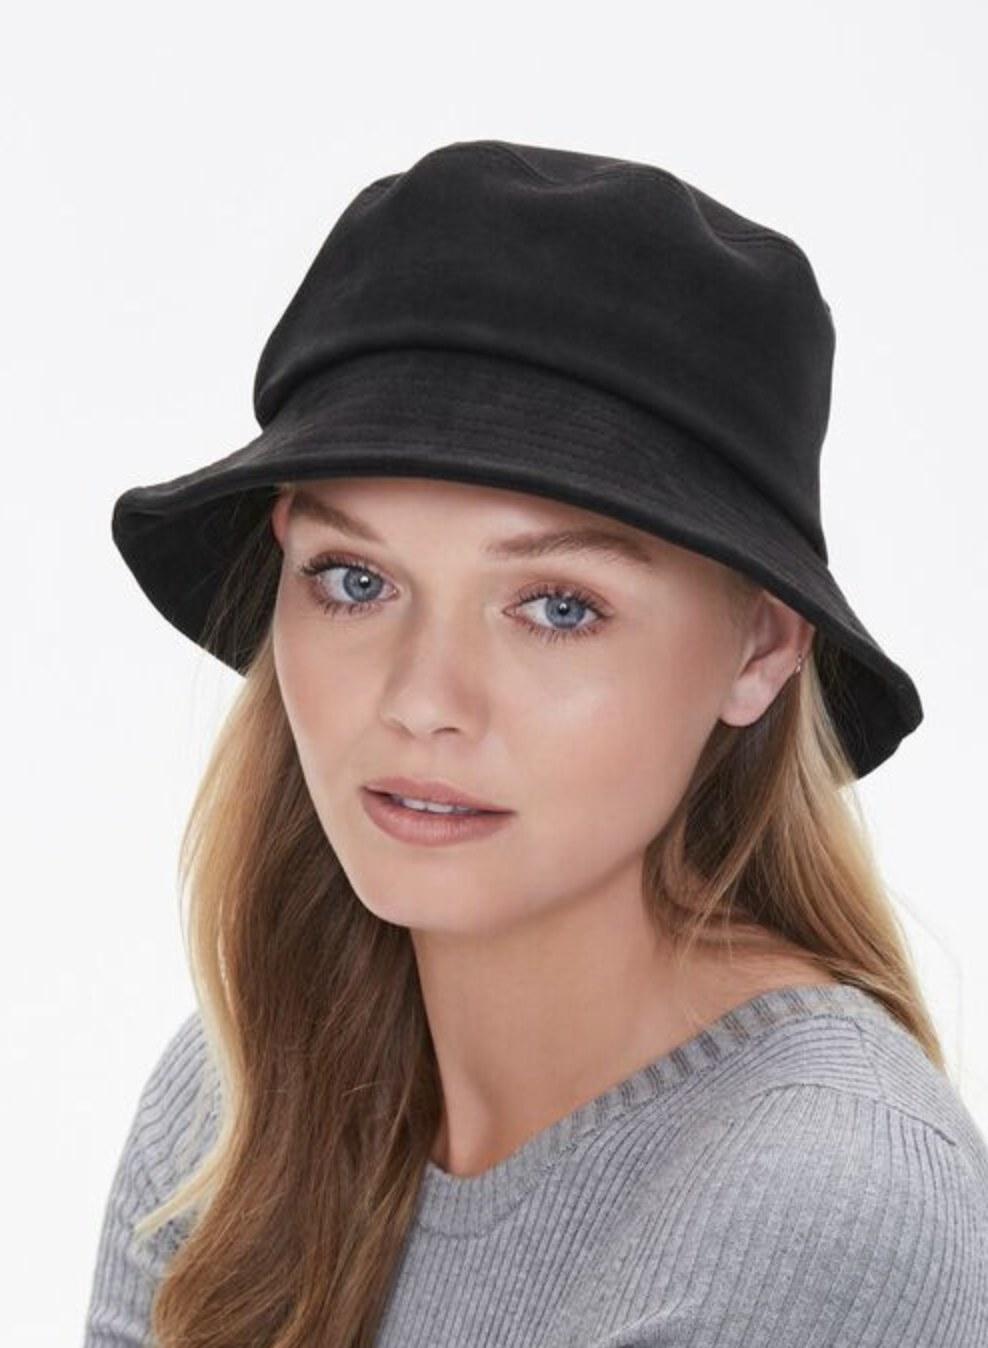 Model is wearing a black bucket hat